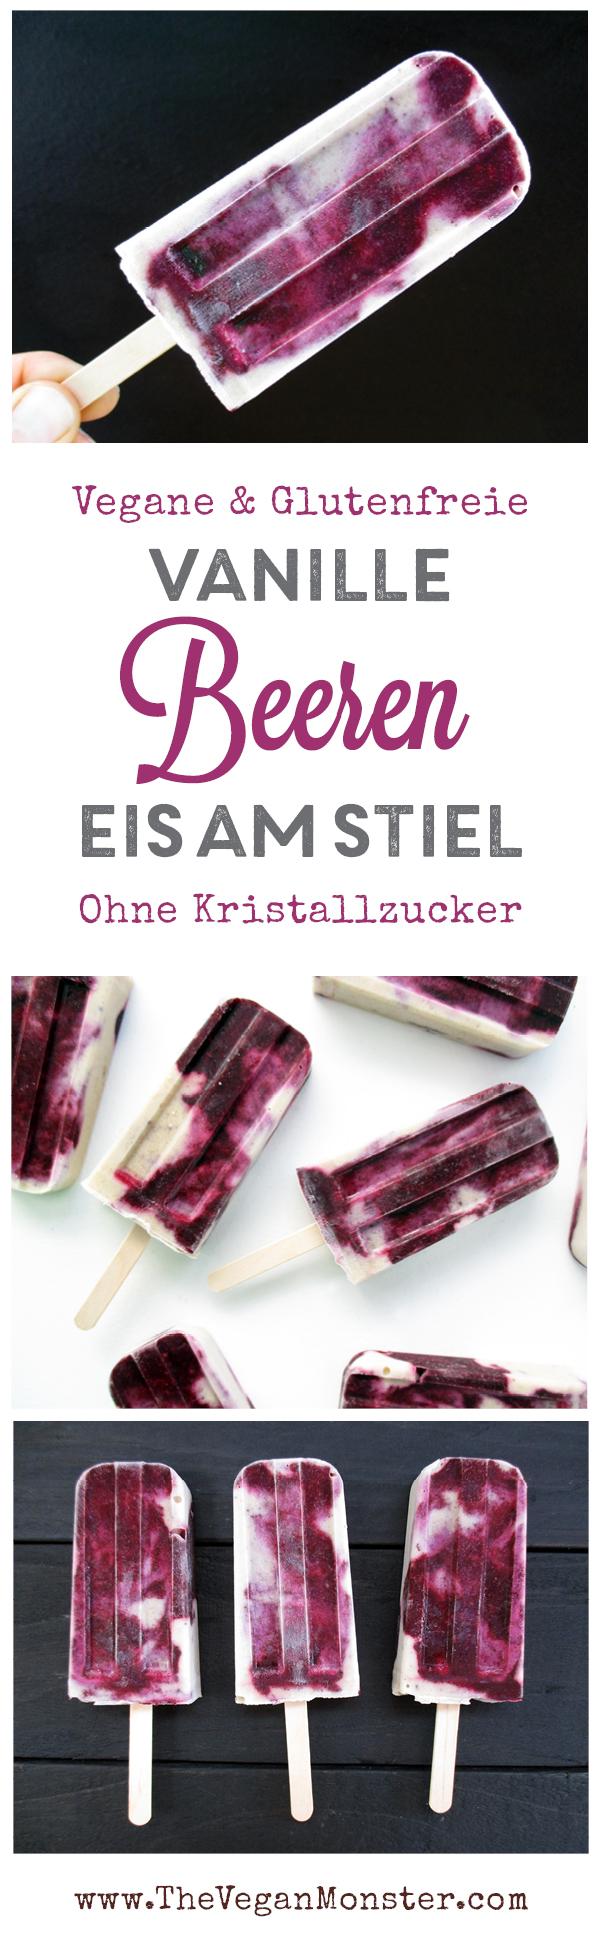 Cremige Vegane Glutenfreie Beeren Vanille Eis Am Stiel Ohne Kristallzucker Rezept